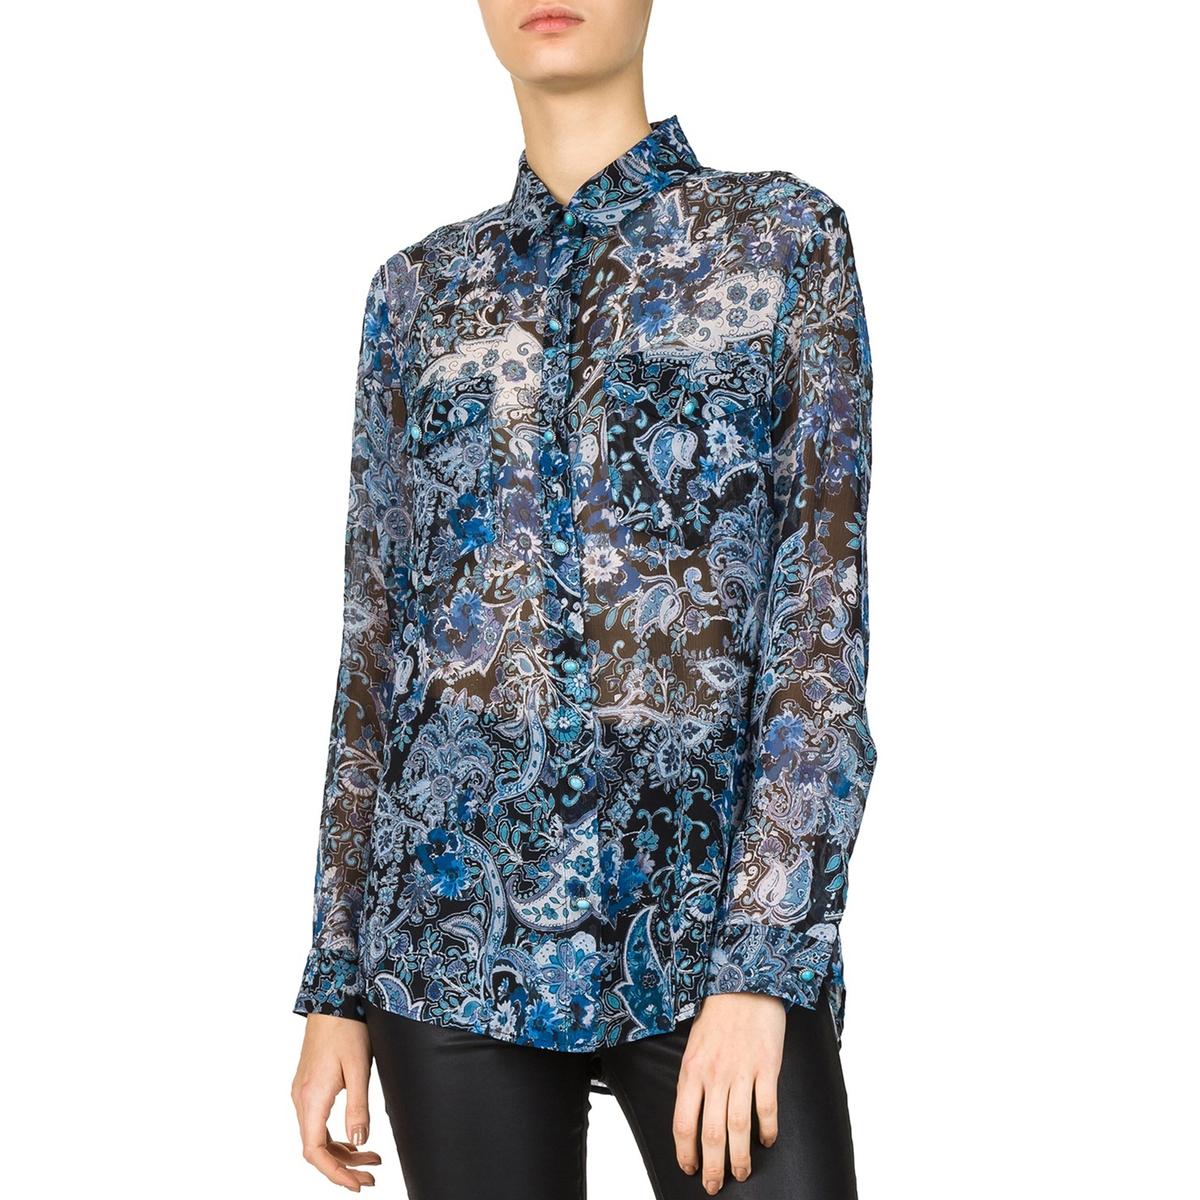 Рубашка из шелка с рисункомРубашка с рисунком и длинными рукавами THE KOOPLES. 100% шелк, нагрудные карманы.Детали •  Длинные рукава •  Прямой покрой •  Воротник-поло •  Рисунок-принтСостав и уход •  100% шелк •  Следуйте советам по уходу, указанным на этикетке<br><br>Цвет: наб. рисунок синий